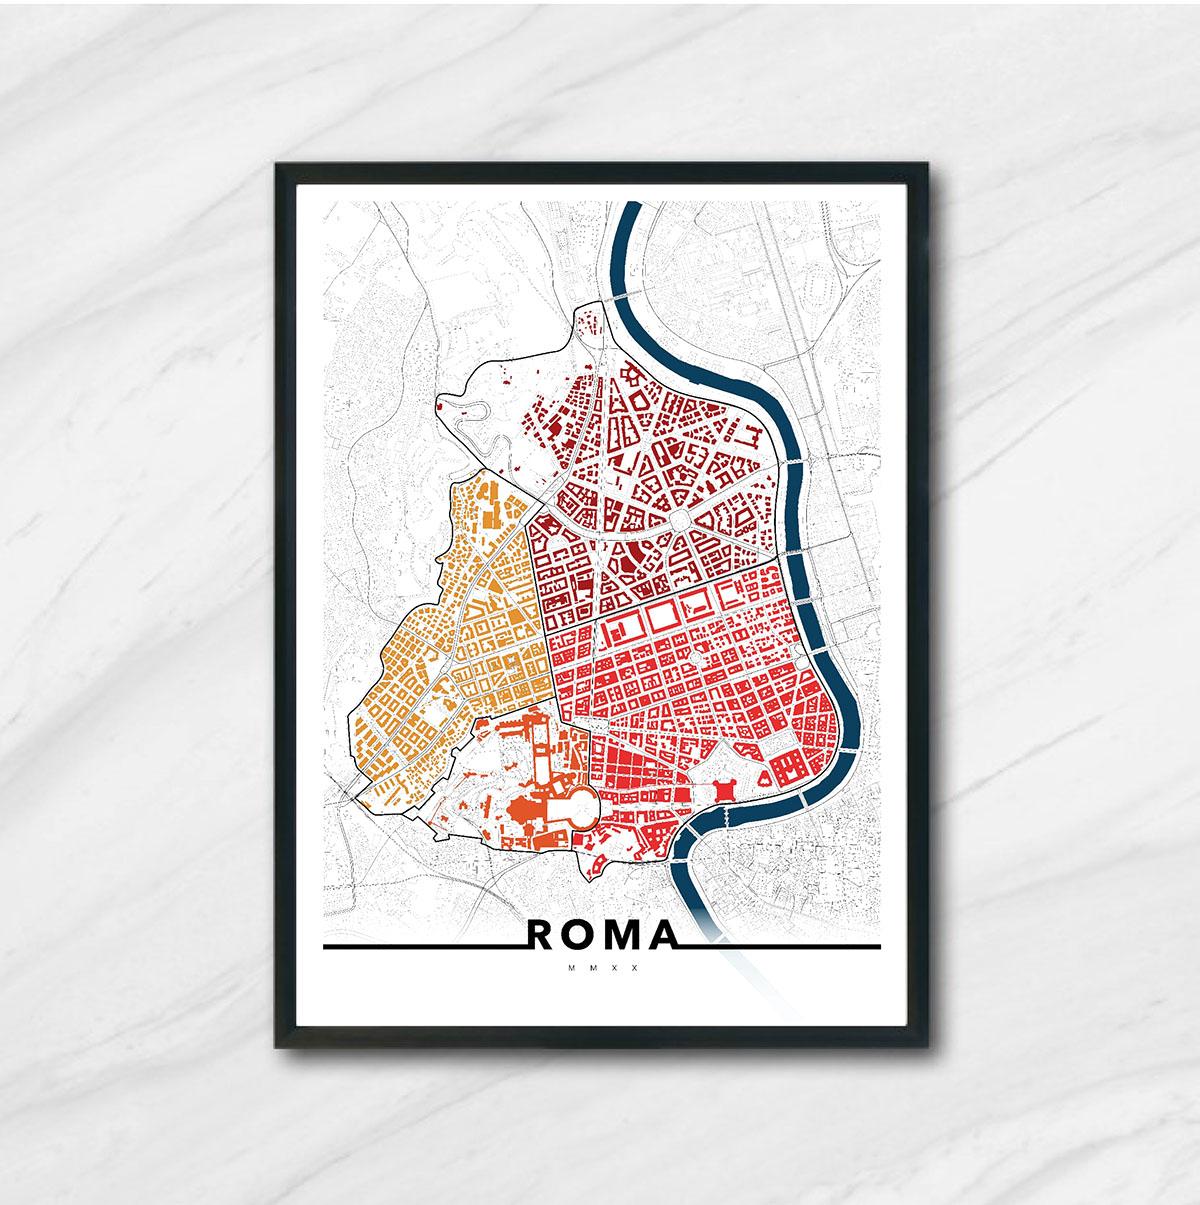 URBE mmxx: tra i luoghi di Roma e del cuore